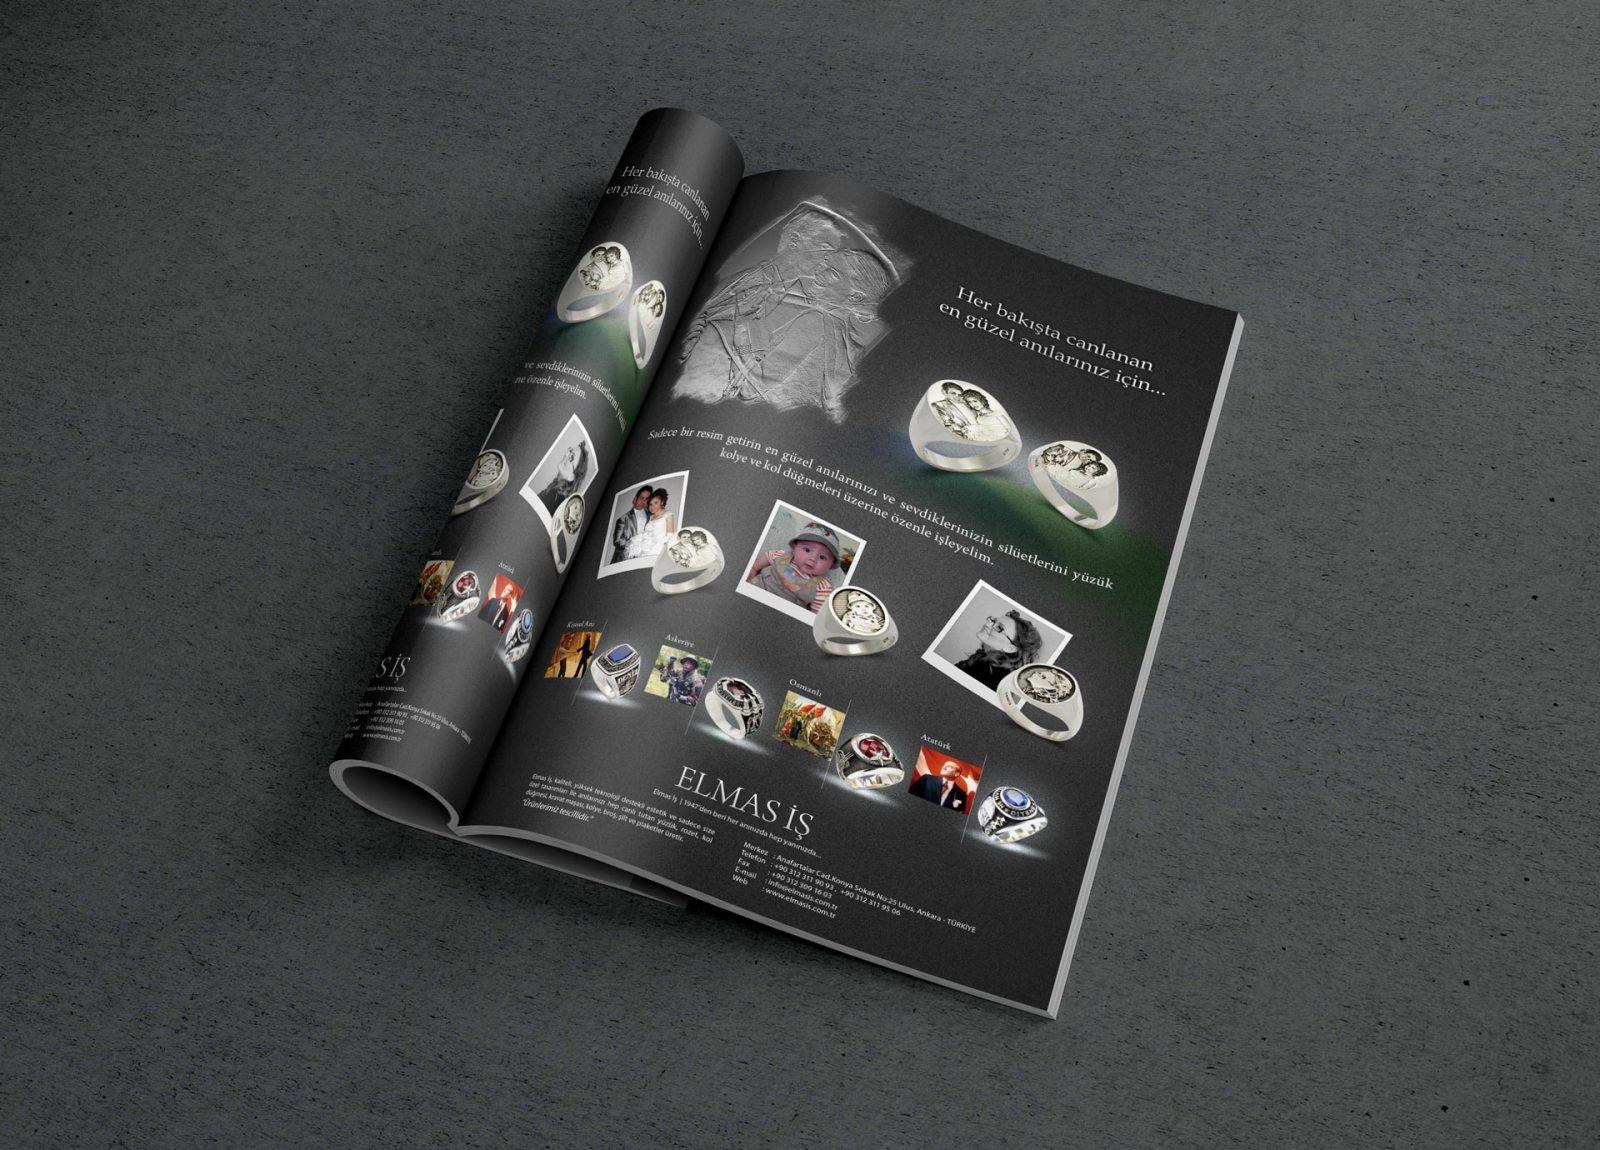 elmasis dergi reklam sayfası tasarımı 2